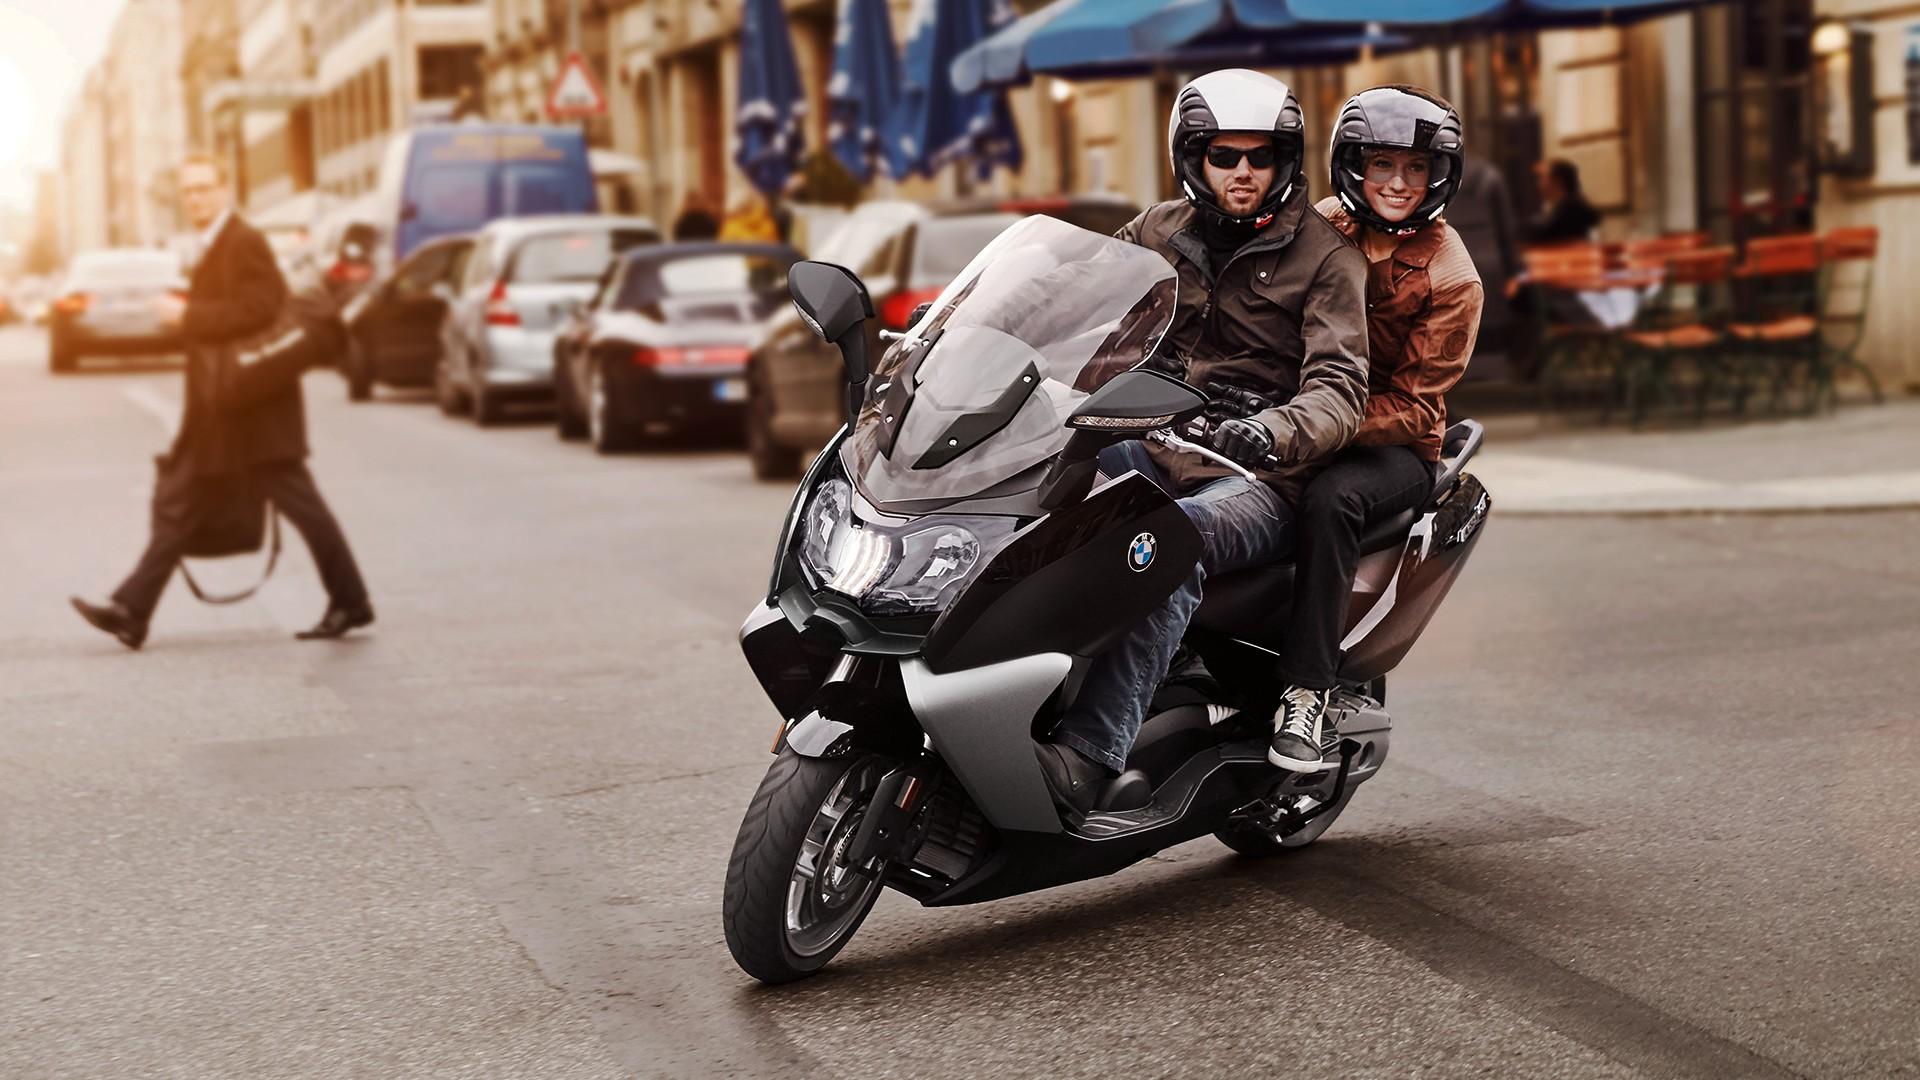 2011 год – светодиодный дневной ходовой фонарь для макси-скутеров BMW